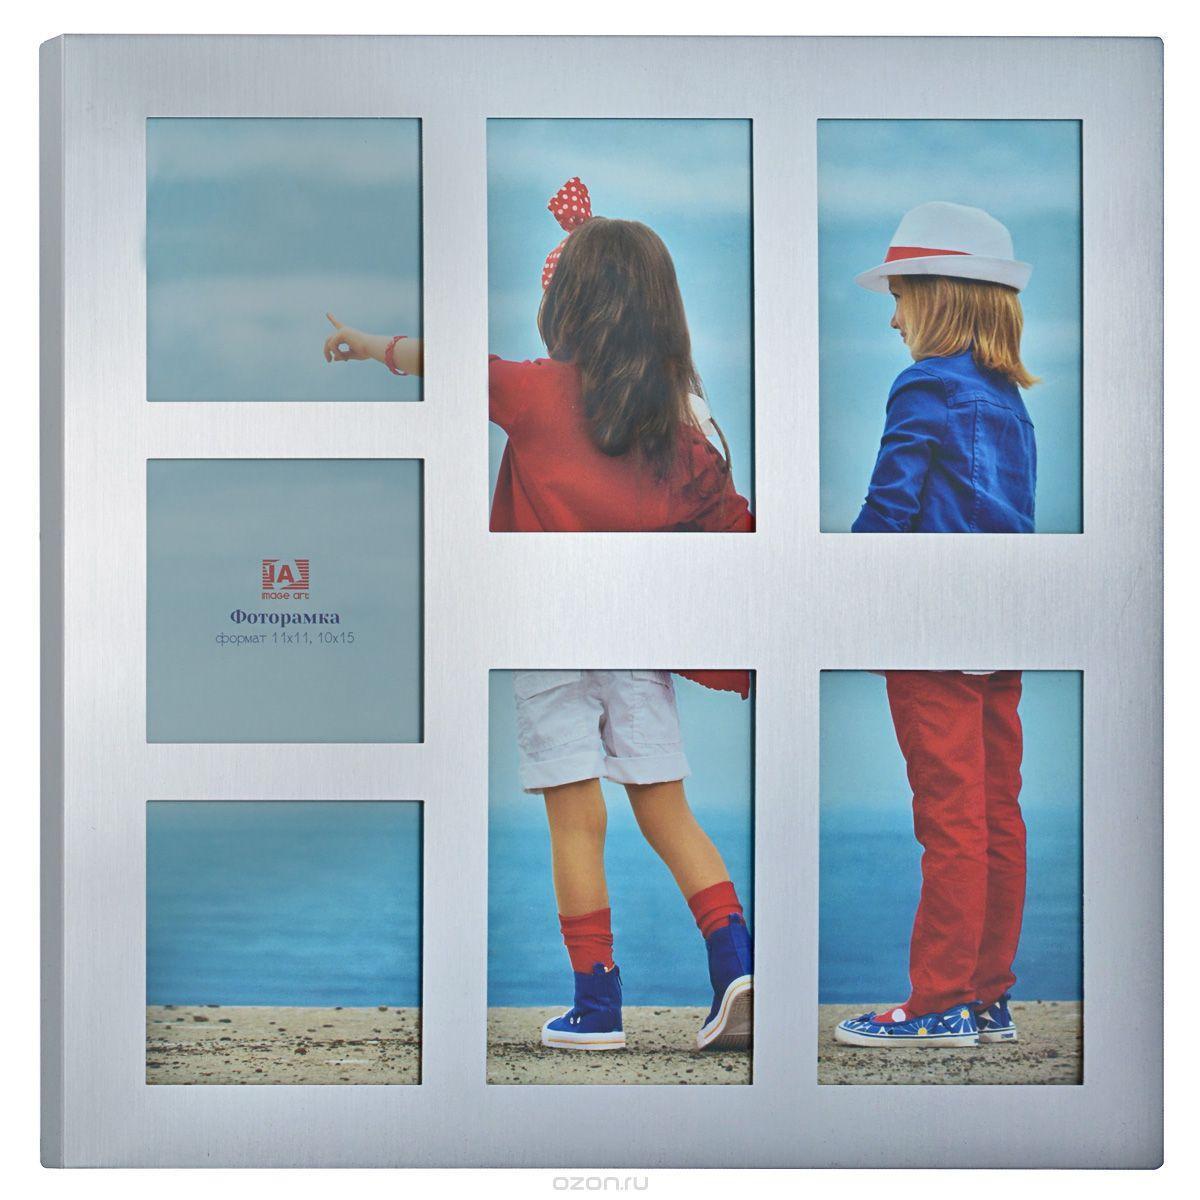 Фоторамка Image Art 6029/7S5055283001270Фоторамка Image Art - прекрасный способ красиво оформить ваши фотографии. Изделие рассчитано на 2 фотографии. Фоторамка выполнена из металла и защищена стеклом. Фоторамку можно поставить на стол или подвесить на стену, для чего с задней стороны предусмотрены специальные отверстия. Такая фоторамка поможет сохранить на память самые яркие моменты вашей жизни, а стильный дизайн сделает ее прекрасным дополнением интерьера.